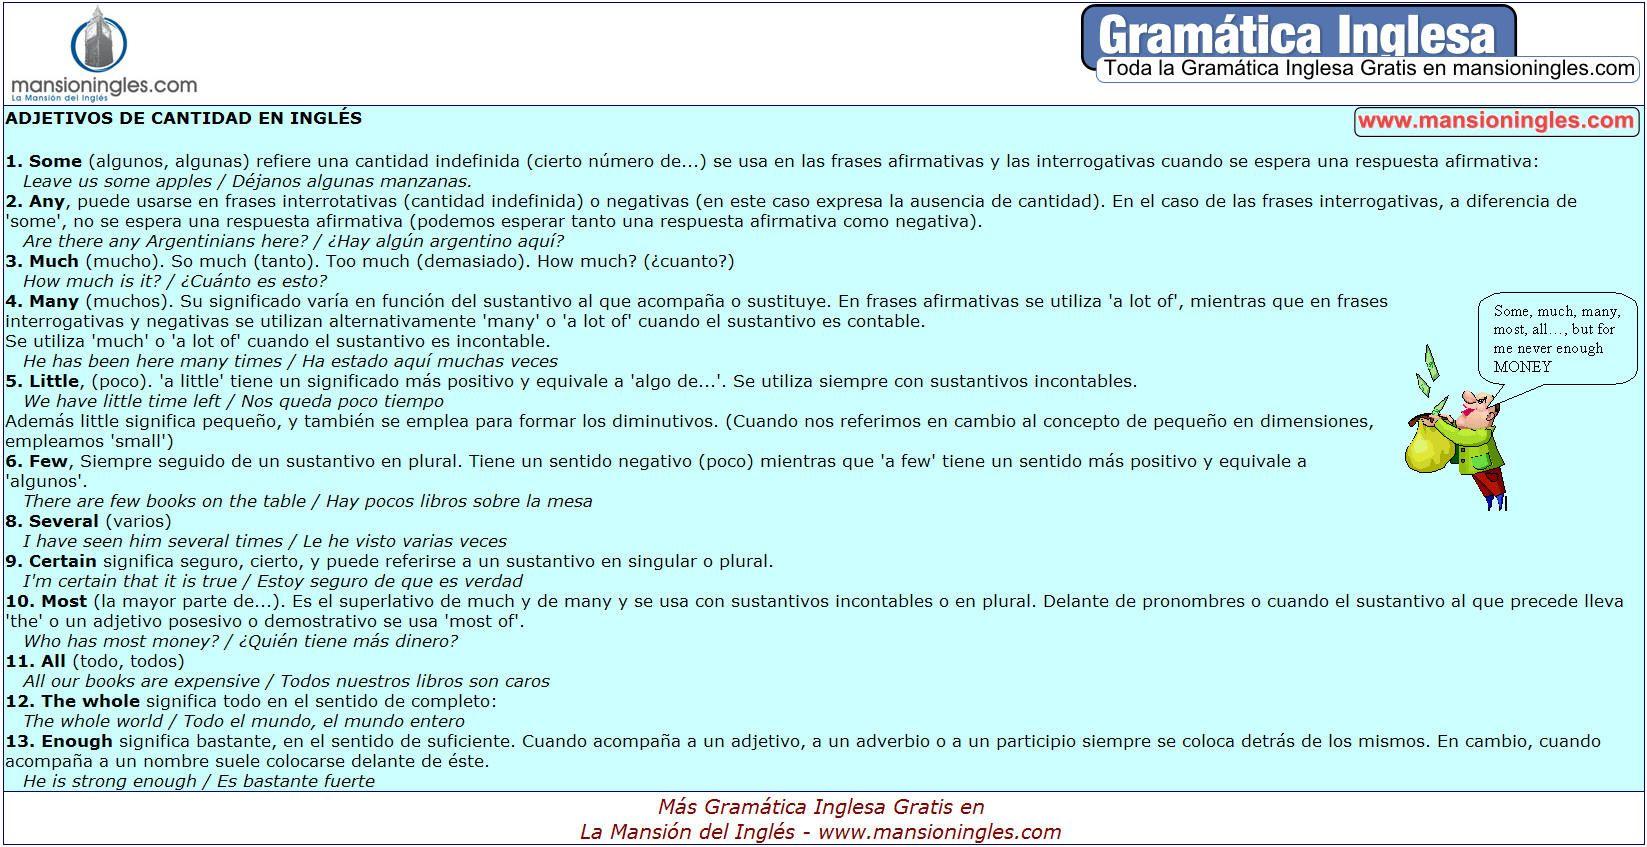 Gramática Inglesa Adjetivos De Cantidad En Inglés Gramática Inglesa Gramática Ingles